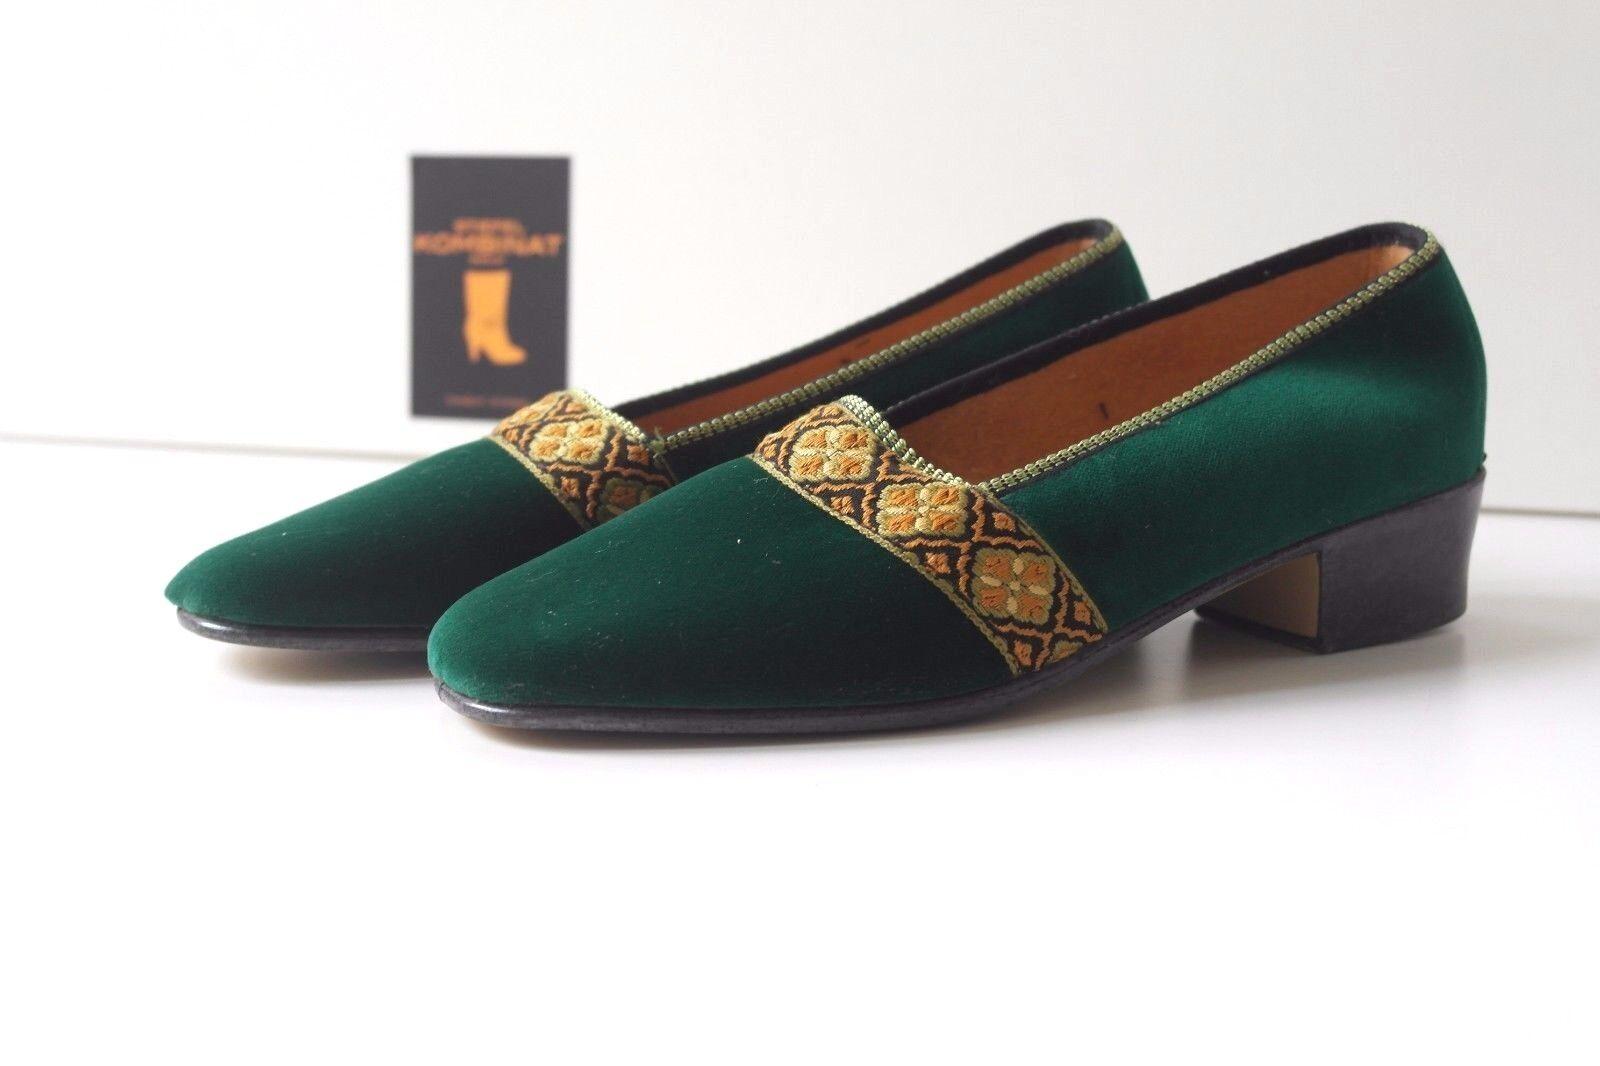 Moda barata y hermosa Romika Colibri señora zapatos zapatillas de casa True vintage pumps terciopelo 70er nos